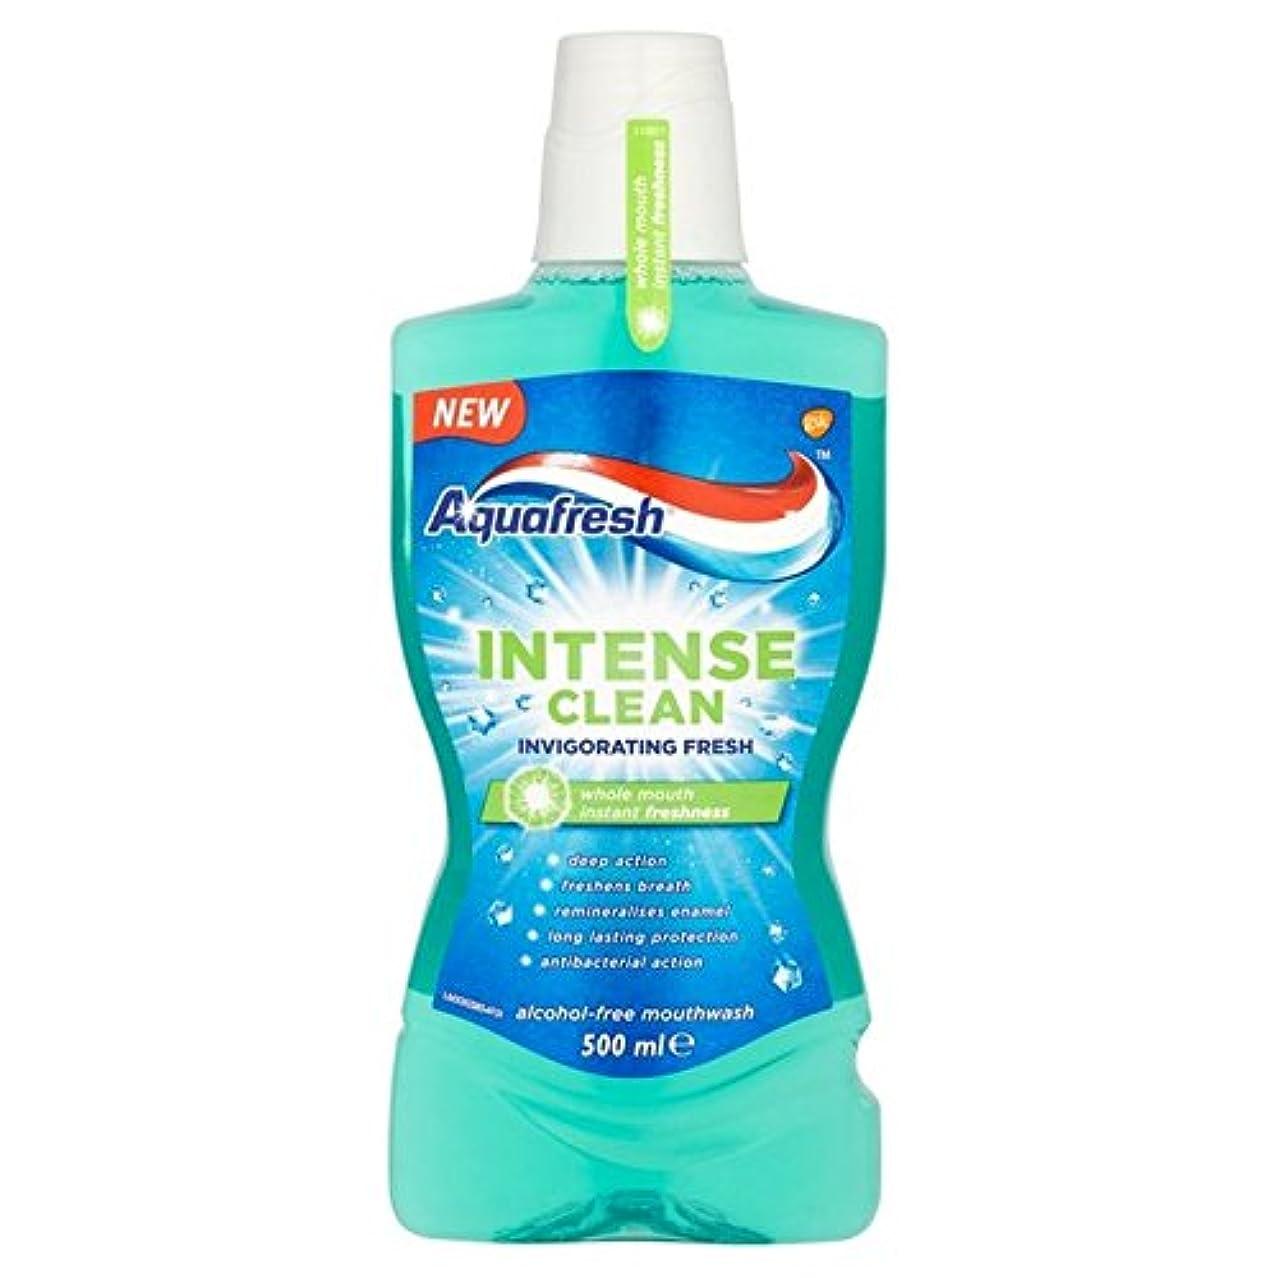 本当のことを言うと恨み熟達アクアフレッシュ強烈なきれいな爽快ウォッシュ500ミリリットル x2 - Aquafresh Intense Clean Invigorating Wash 500ml (Pack of 2) [並行輸入品]